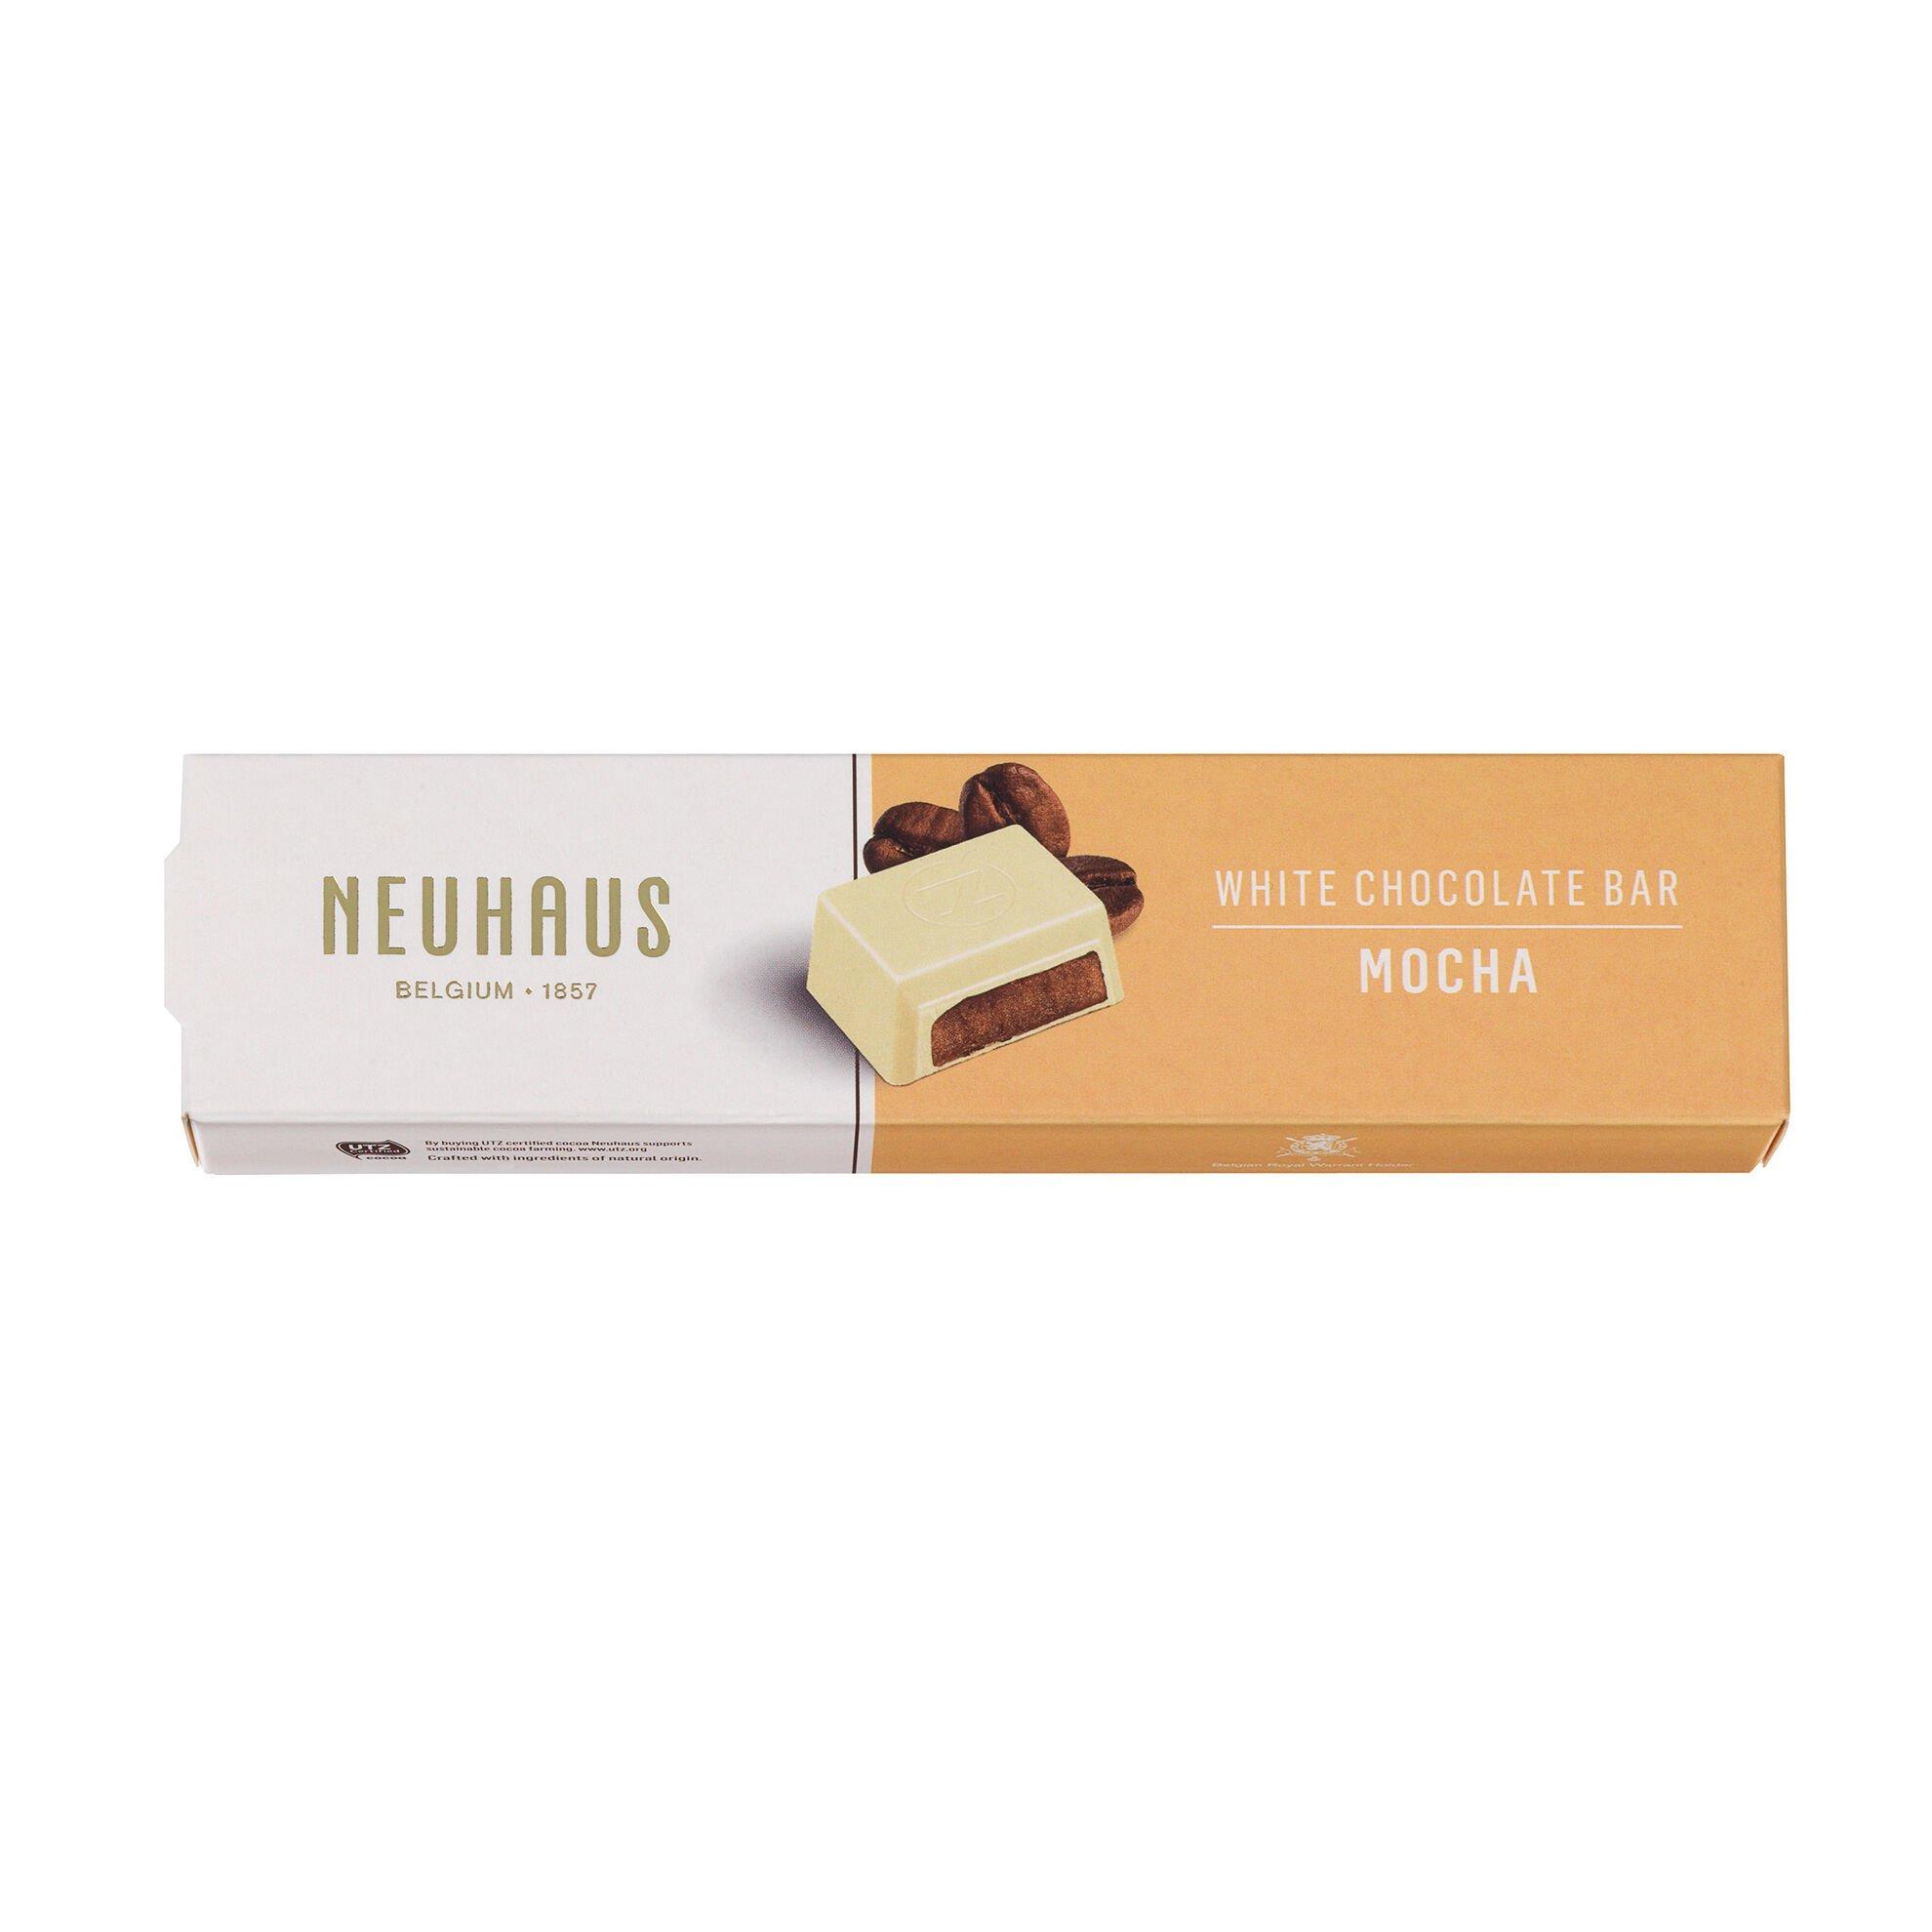 White Chocolate Bar - Mocha image number 11